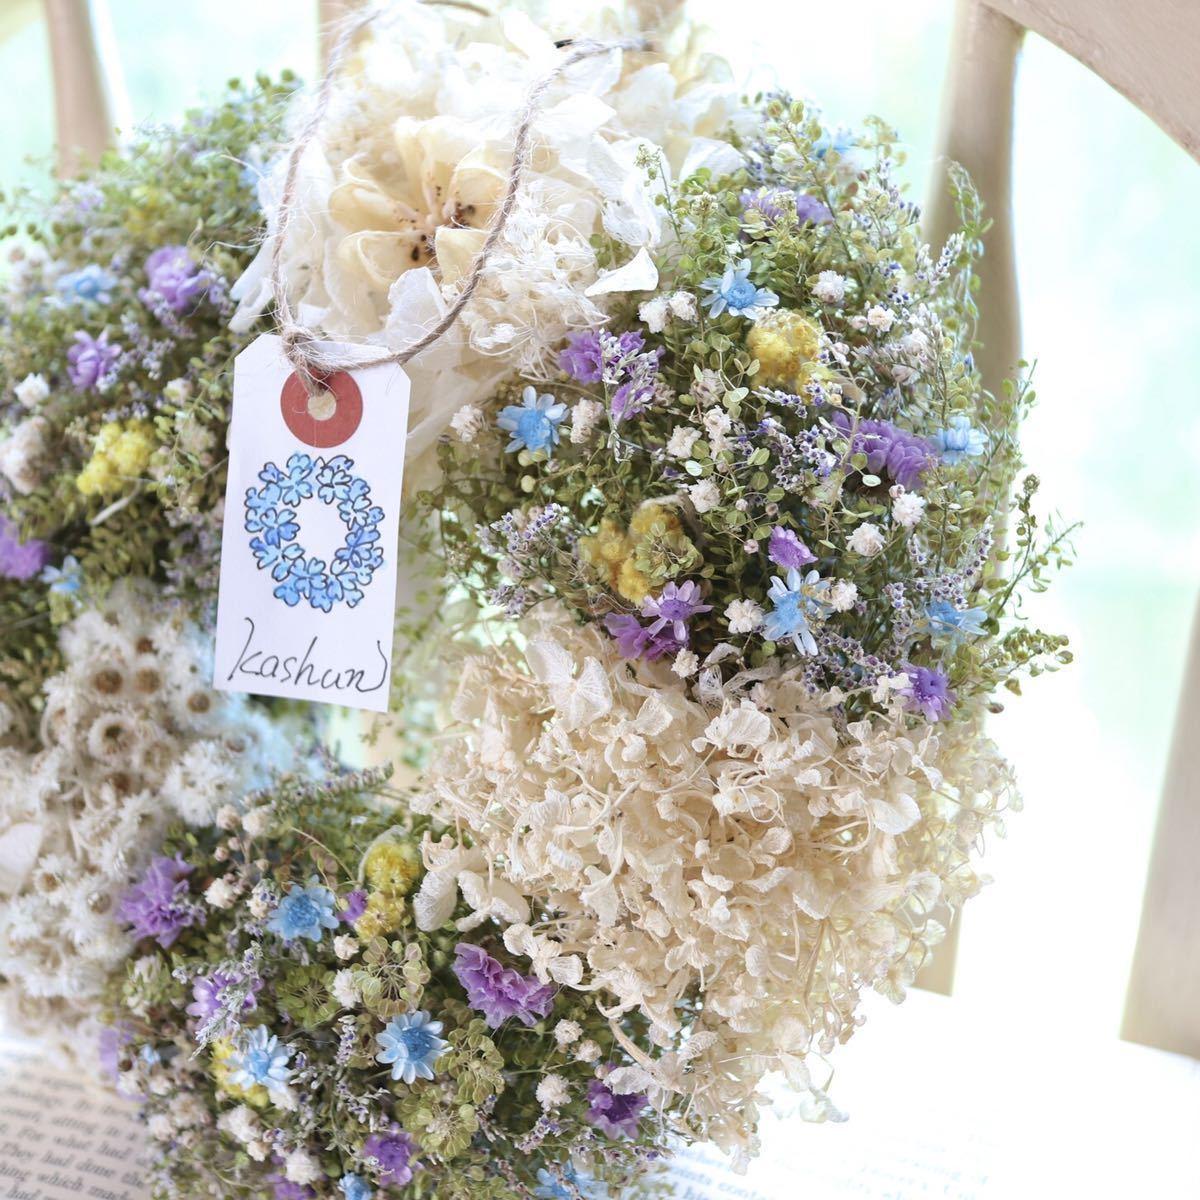 *kashun* (22cm)ハンドメイド マメグンバイナズナと色とりどりの小花のリース/ドライフラワー/壁飾り/誕生日プレゼント/お祝い/ギフト_画像3